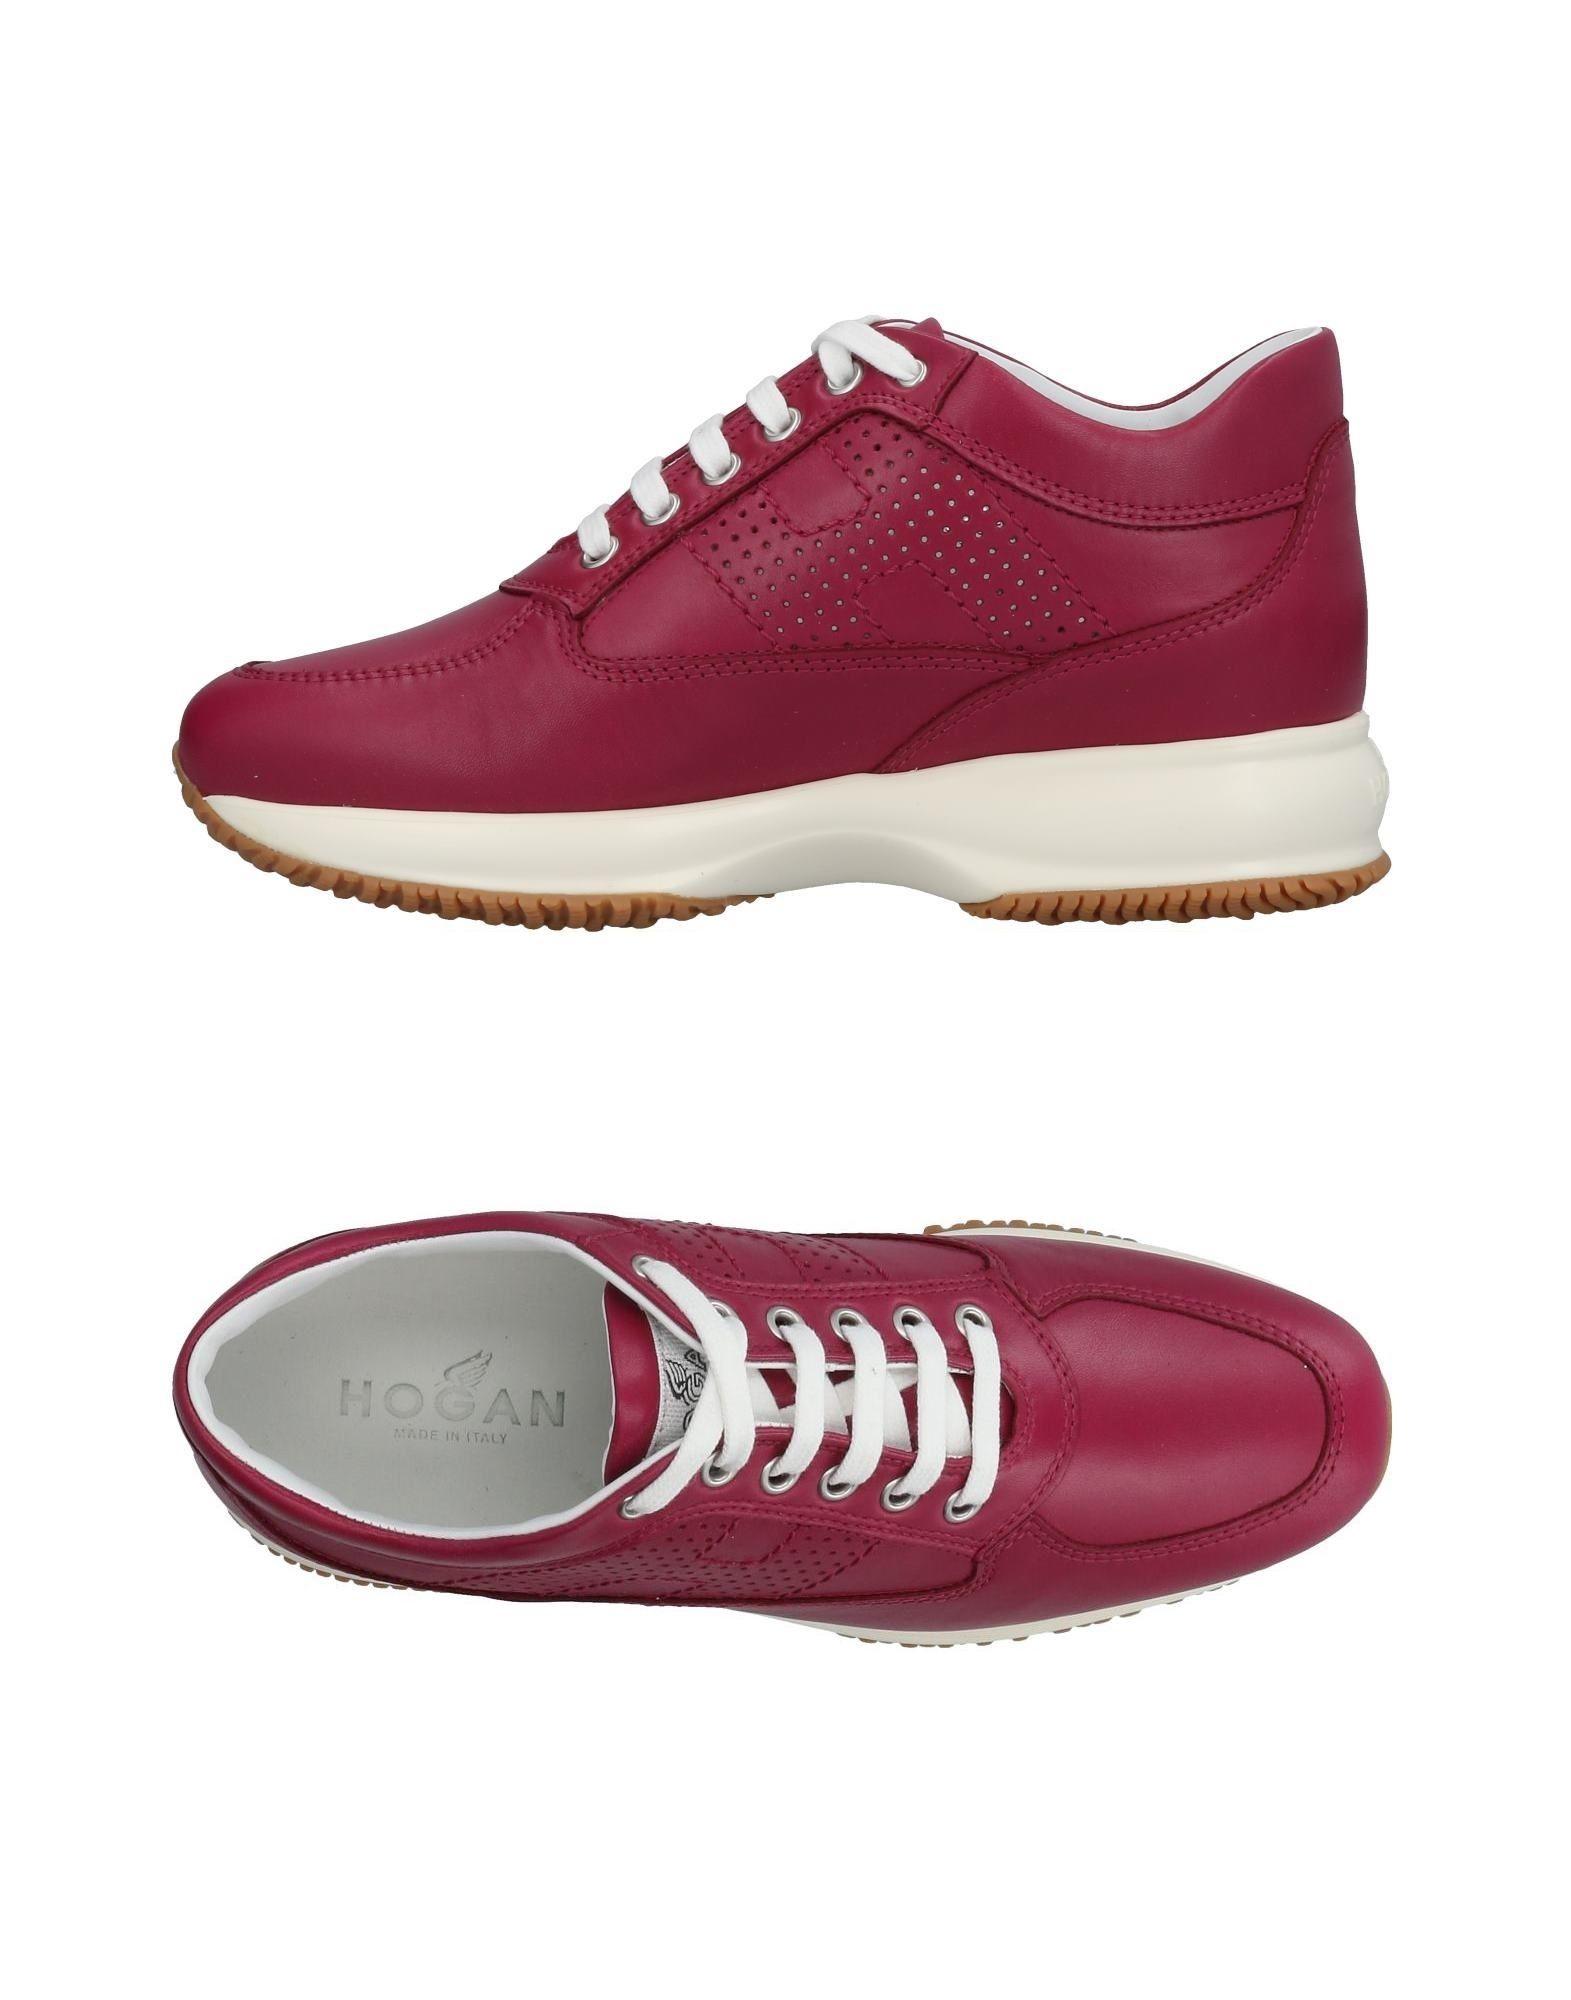 Hogan Sneakers Damen  11415525BUGut 11415525BUGut  aussehende strapazierfähige Schuhe 9b565e